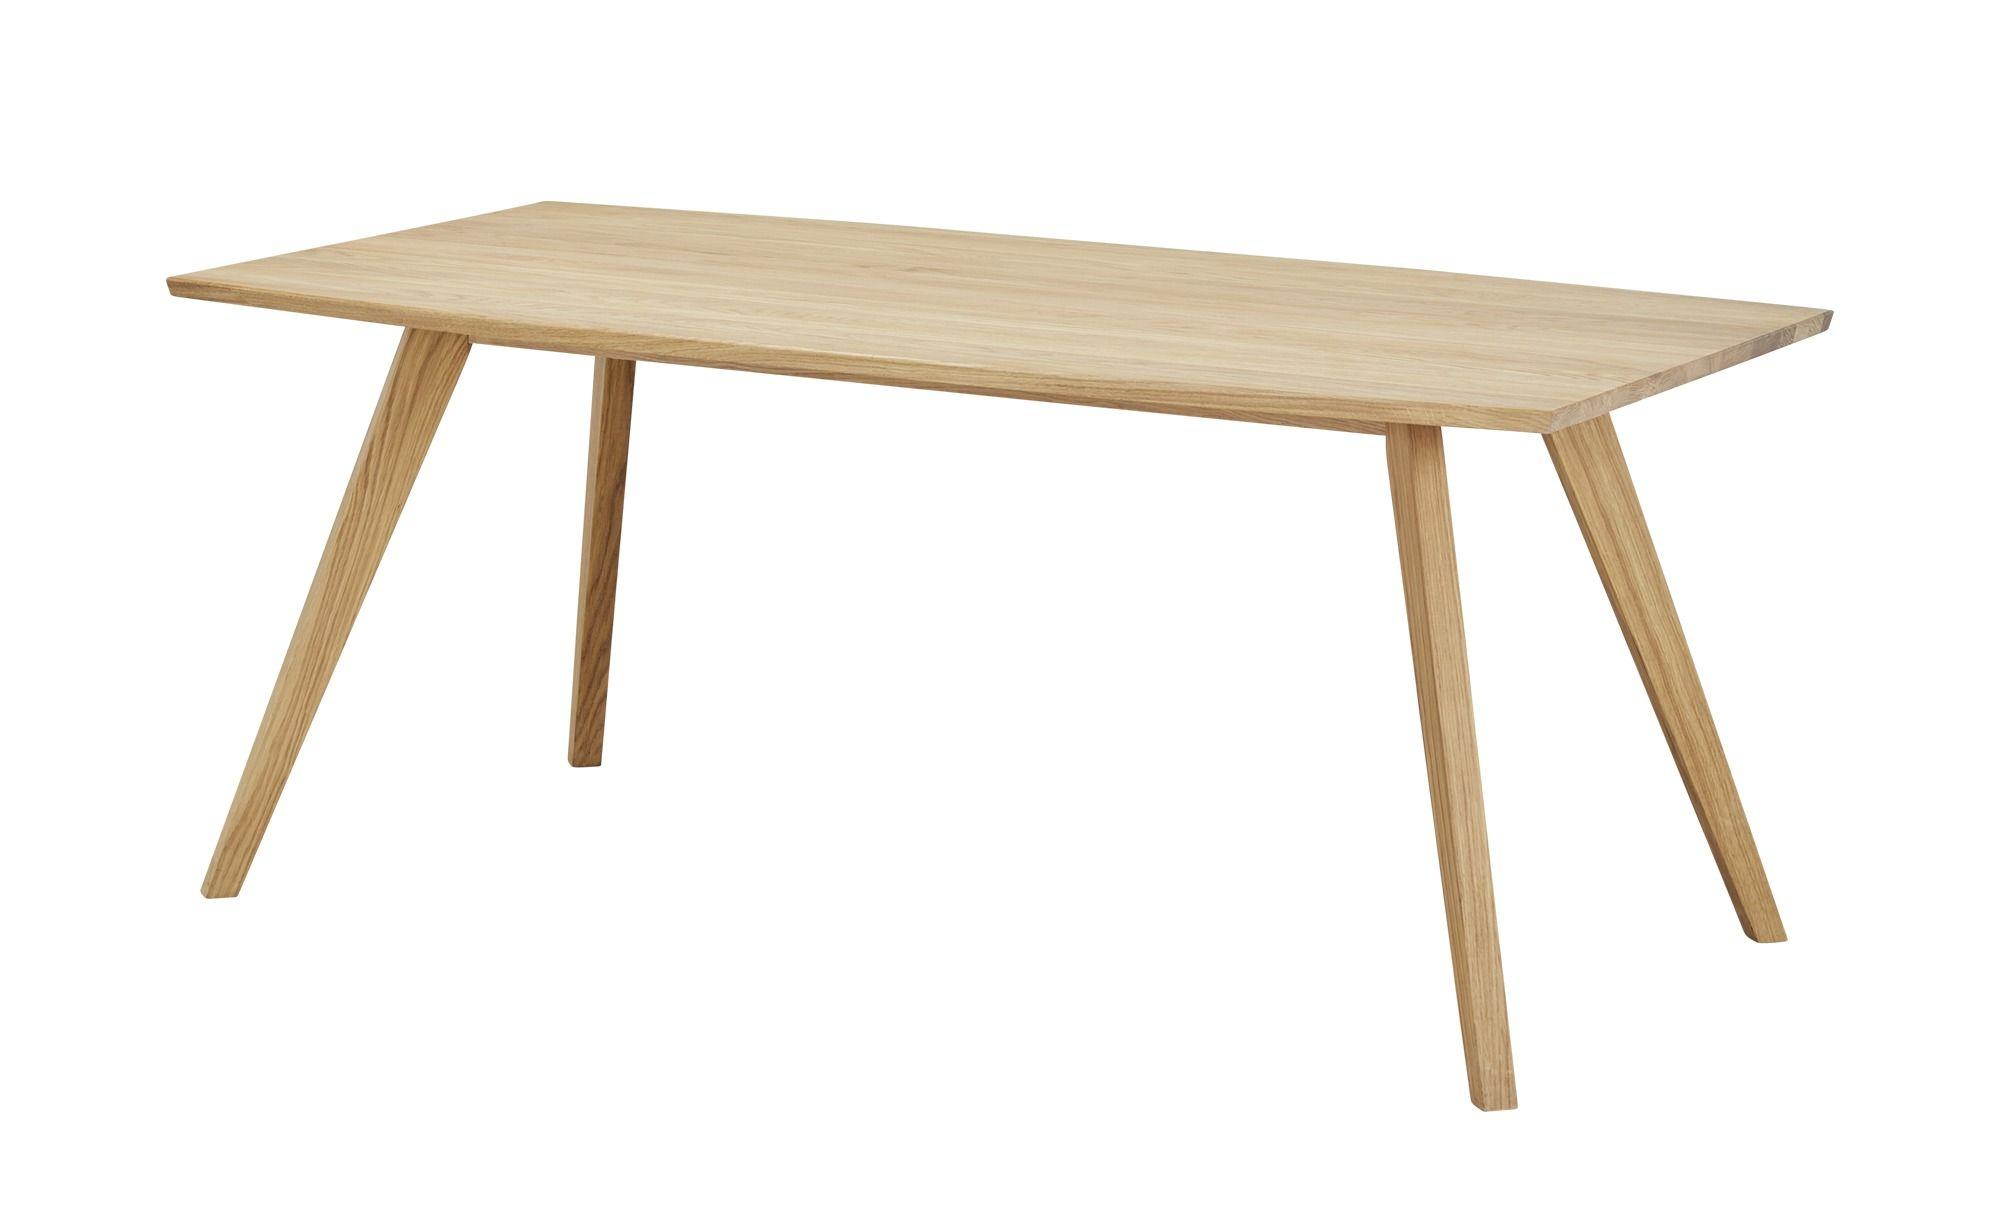 Woodford Esstisch Bari Esstisch, Küche tisch und Tisch